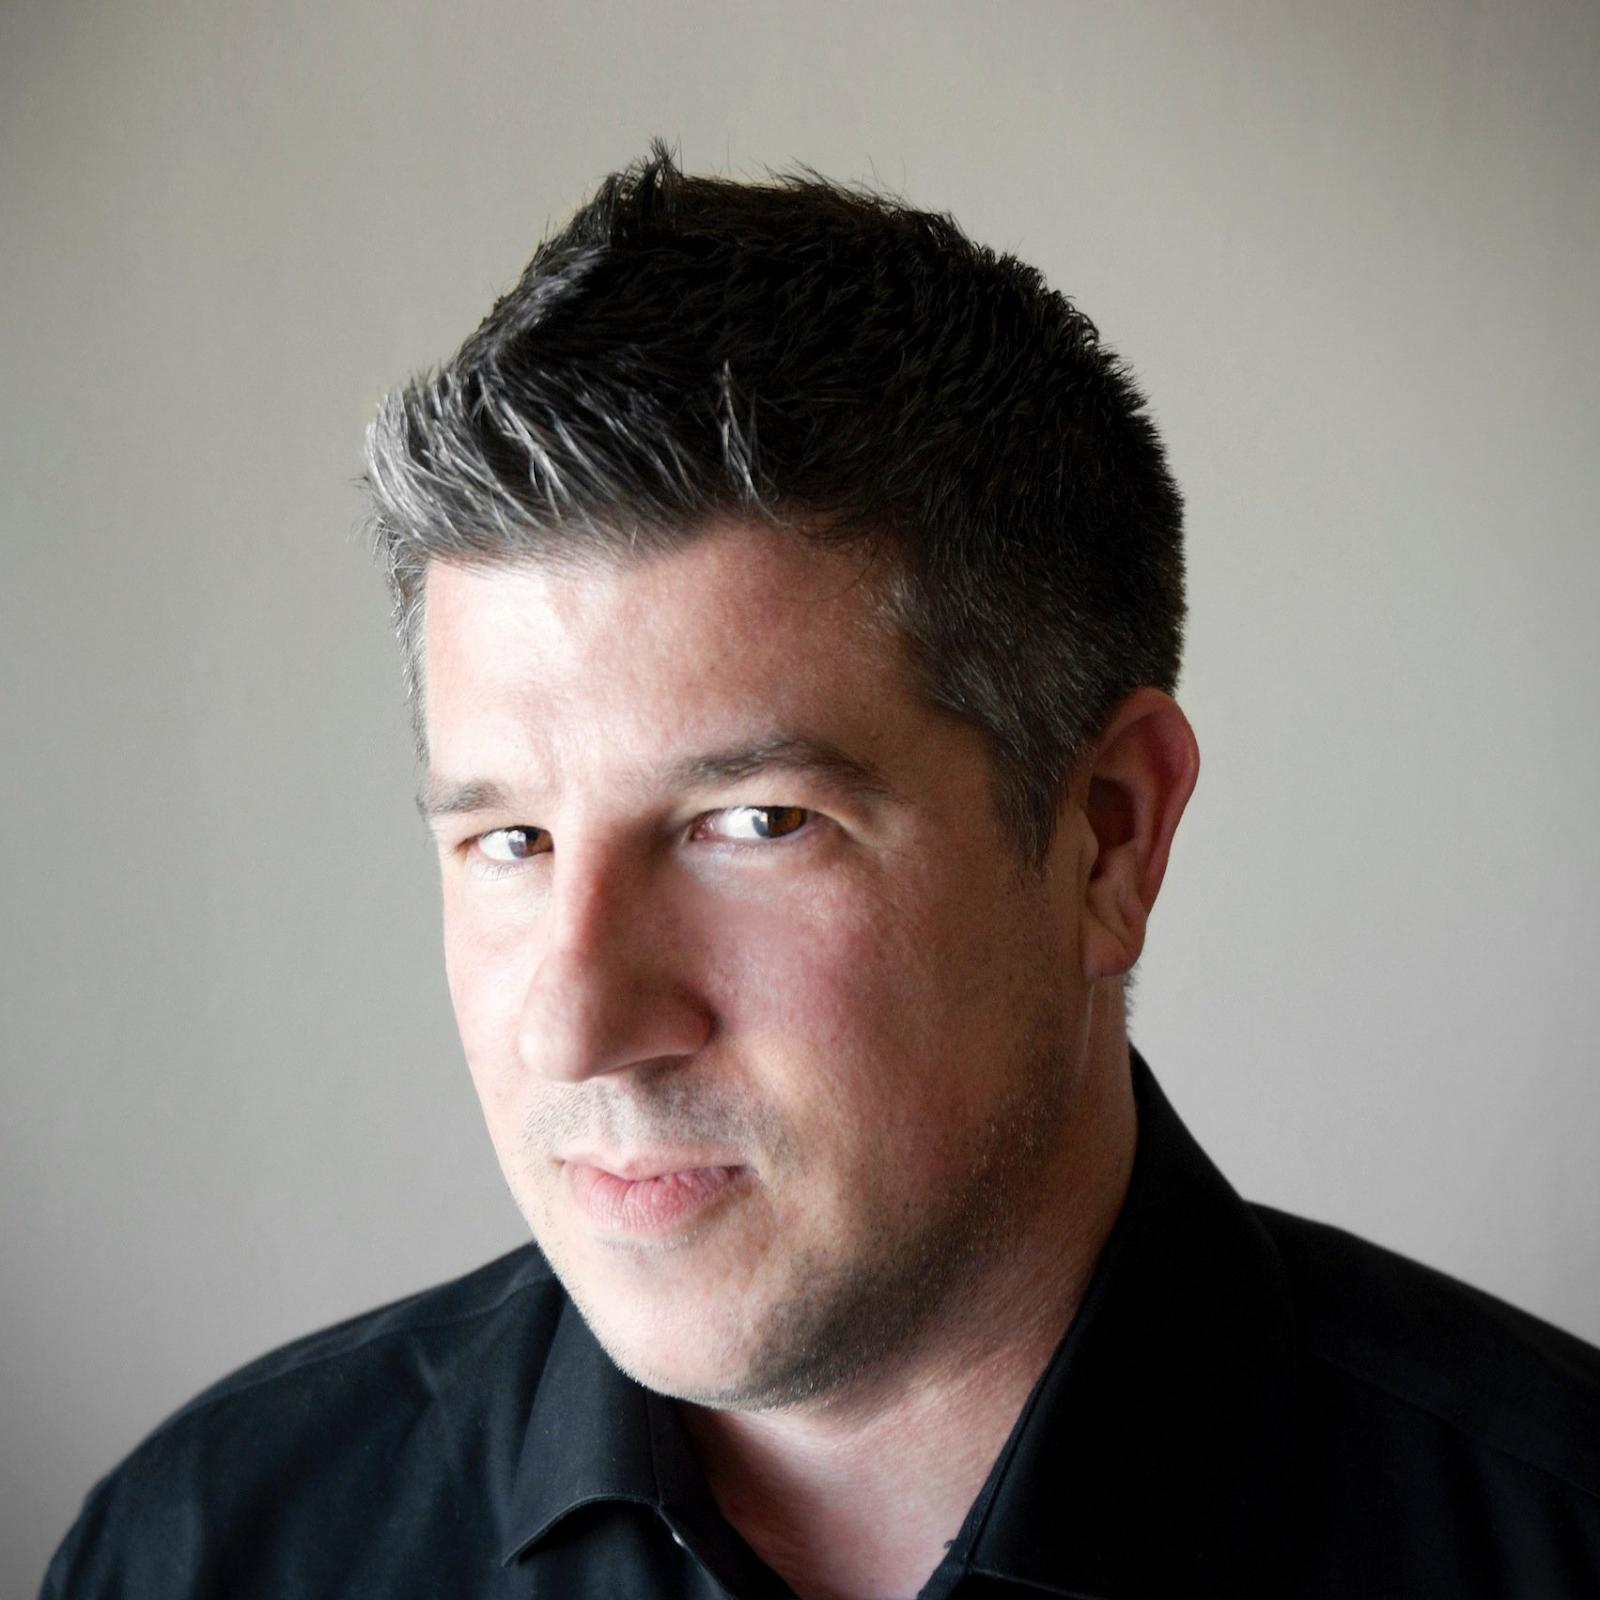 Brant Ward har jobbet med tekst-til-talesystemer i nærmere 20 år, og var med på å utvikle det nevrale nettverket WaveNet.